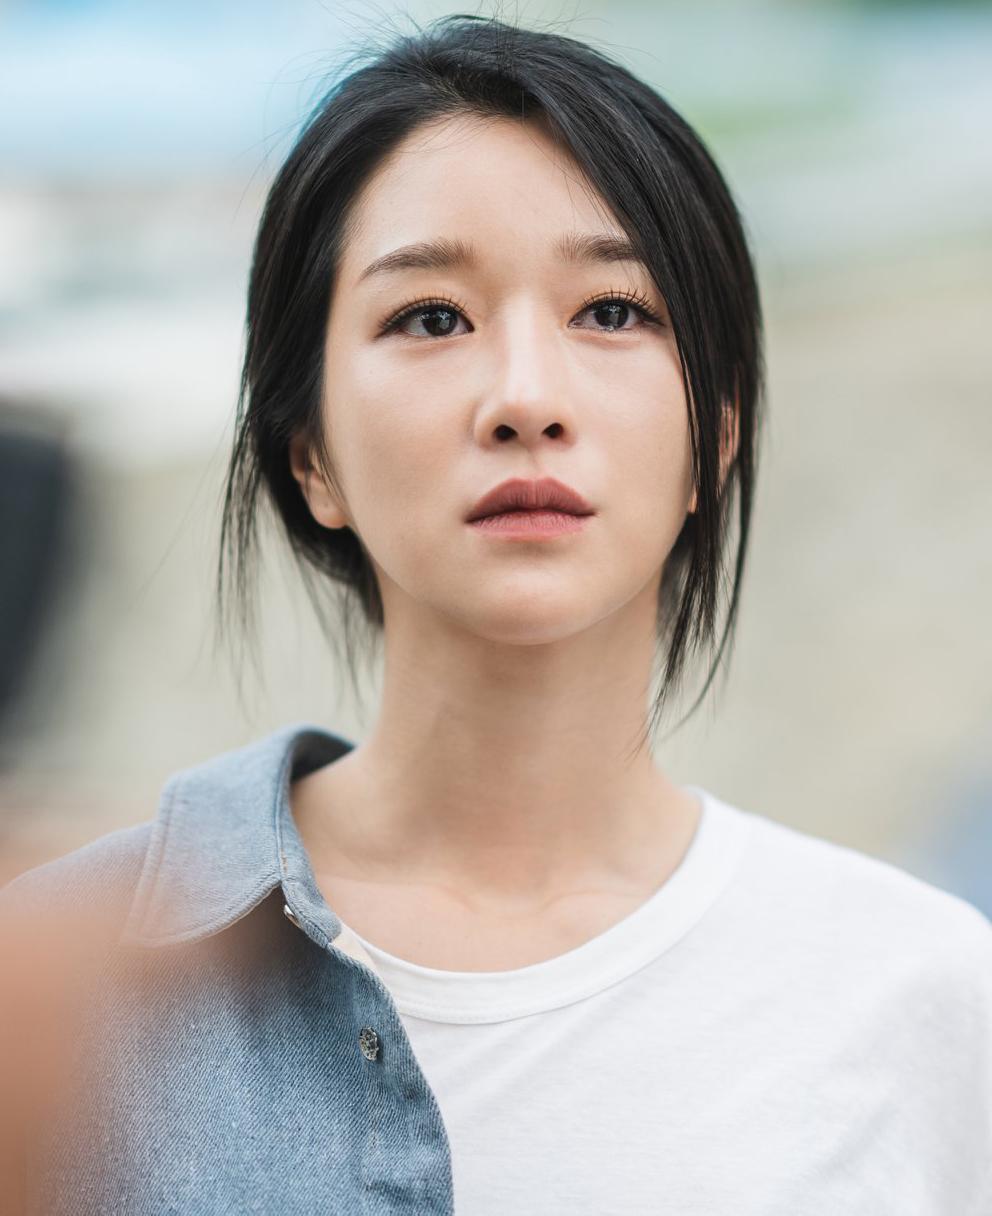 Trang điểm chỉn chu ngay cả khi đi ngủ là lỗi tạo hình thường gặp trong các bộ phim. Tuy nhiên với Seo Ye Ji trong Điên thì có sao, điều này càng lộ rõ vì mỹ nhân điên vốn có cách makeup rất đậm đà. Ở nhiều phân cảnh, khán giả có thể thấy rõ nữ nhà văn Go Moon Young vừa mới ngủ dậy đã có diện mạo chẳng khác gì sắp đi tiệc.